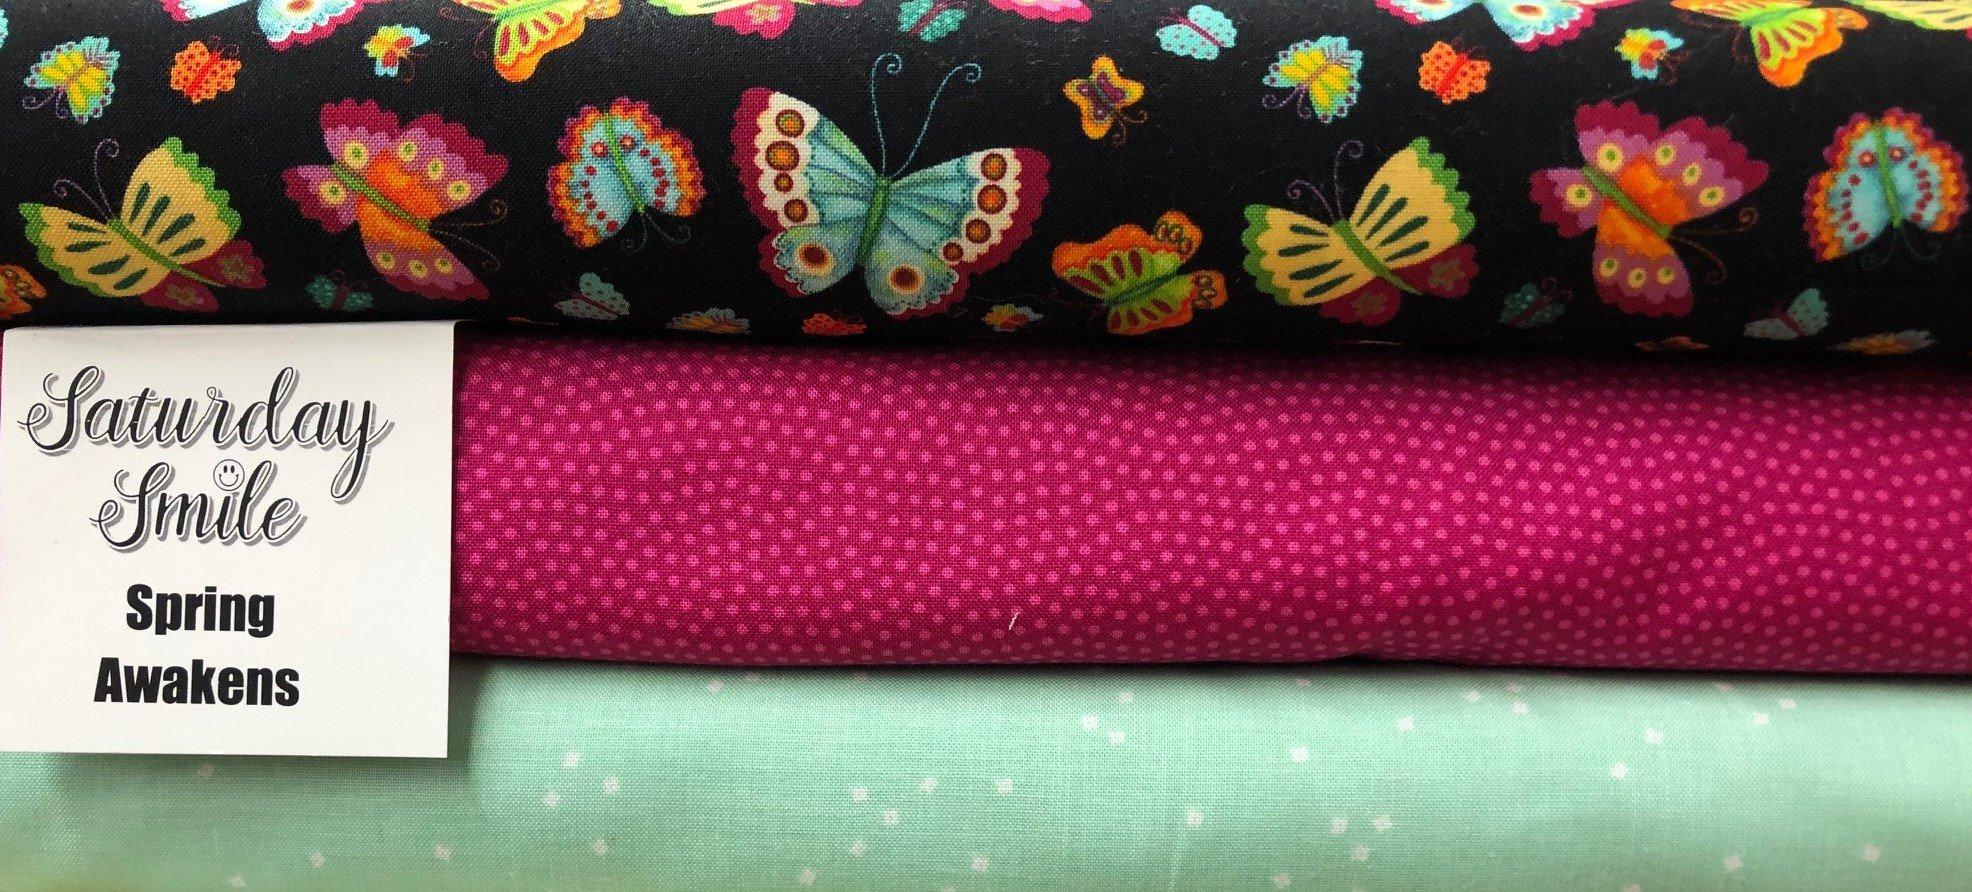 Spring Awakens 3-Yard Quilt Kit